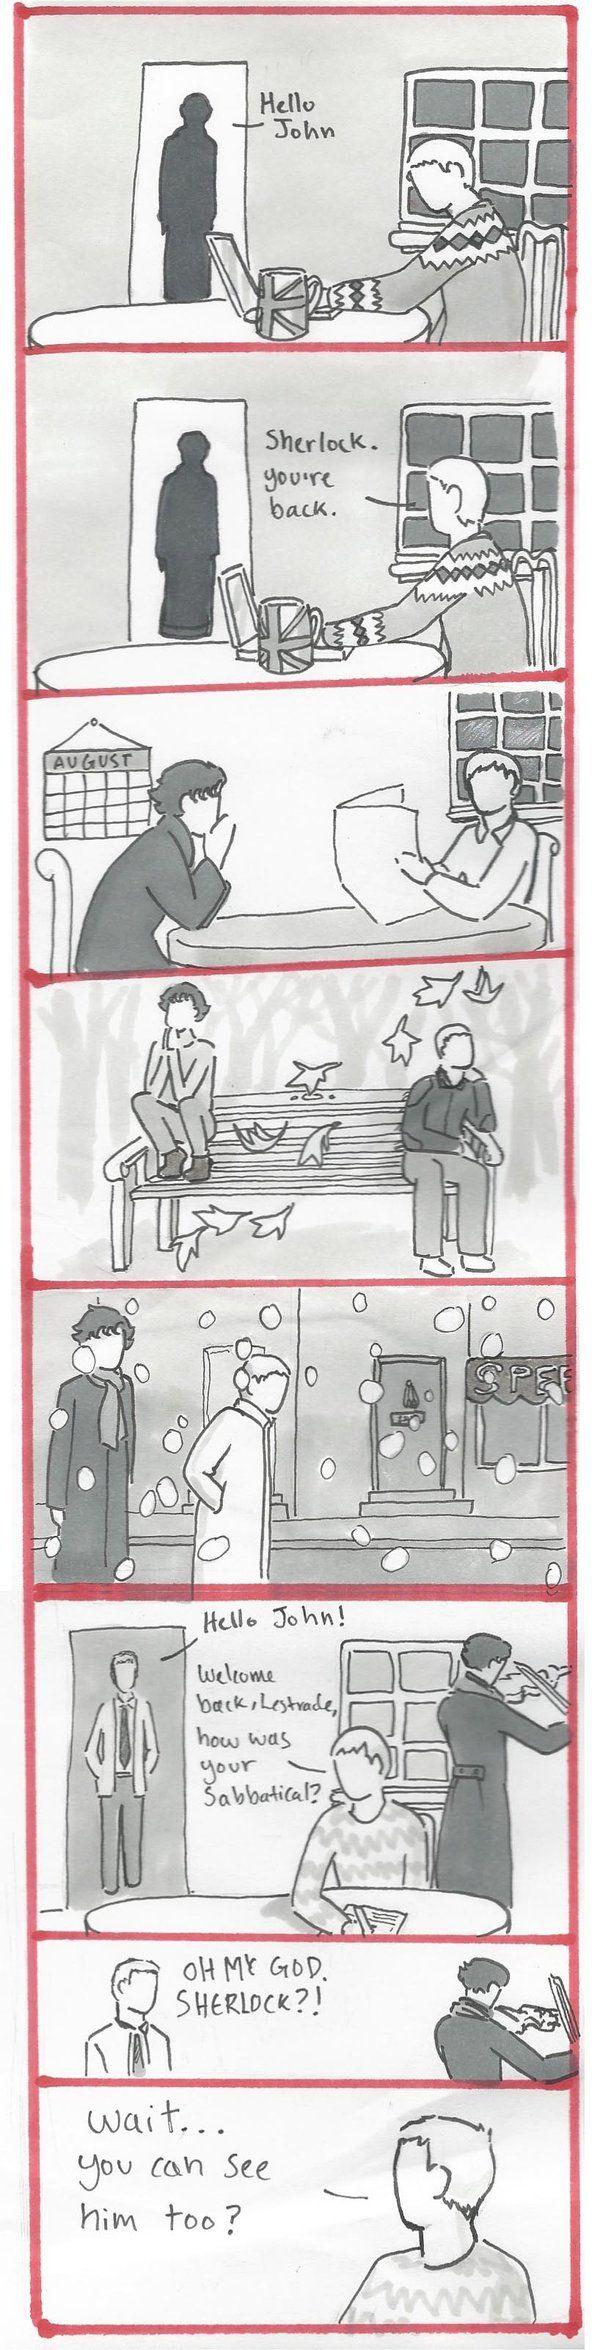 BBC Sherlock Comic: wait..... by Graphitekind.deviantart.com on @deviantART